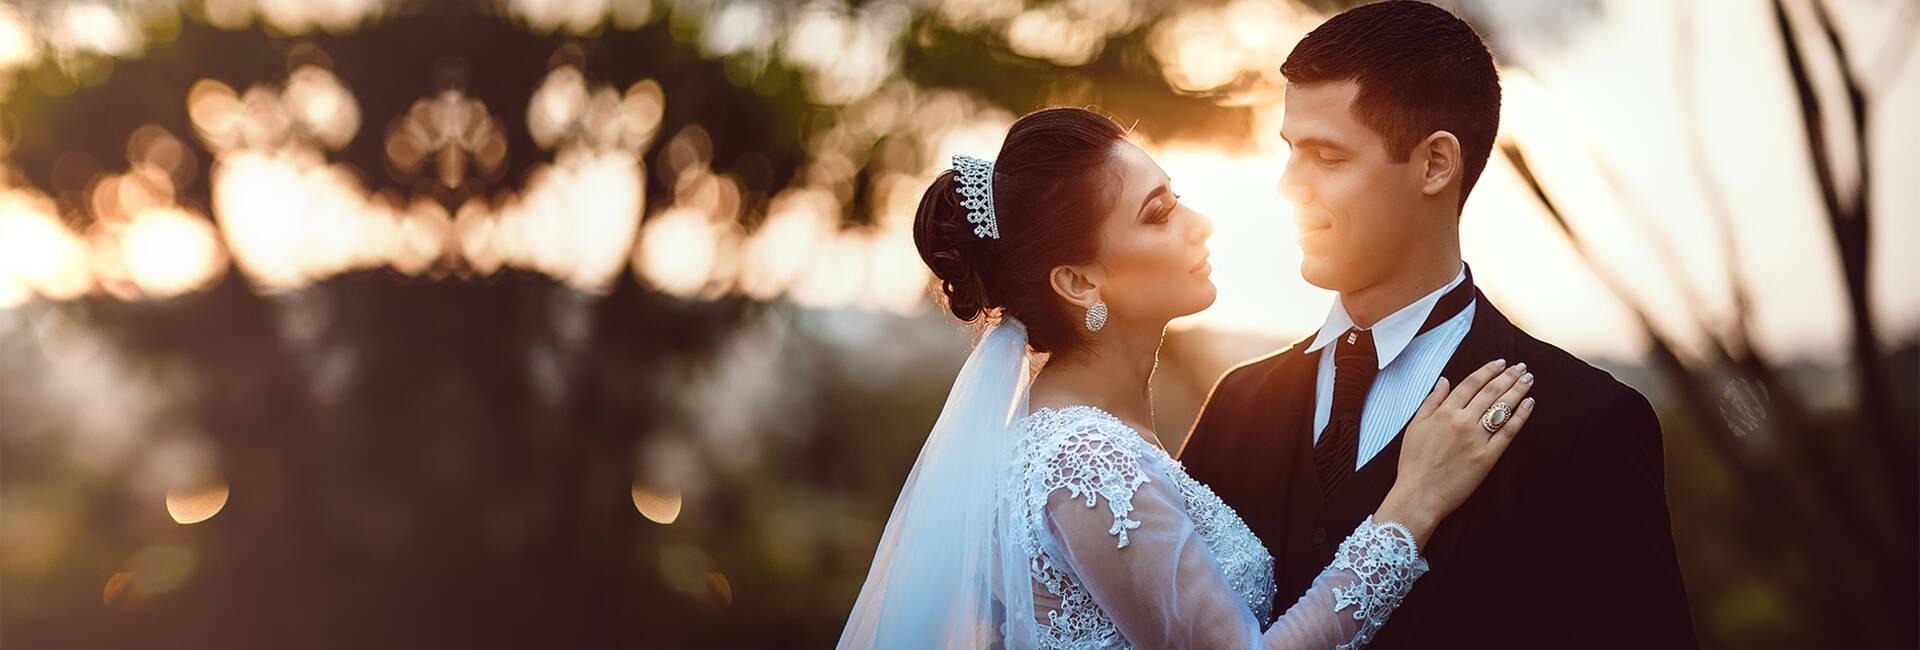 Casamentos de Krys e Antonio